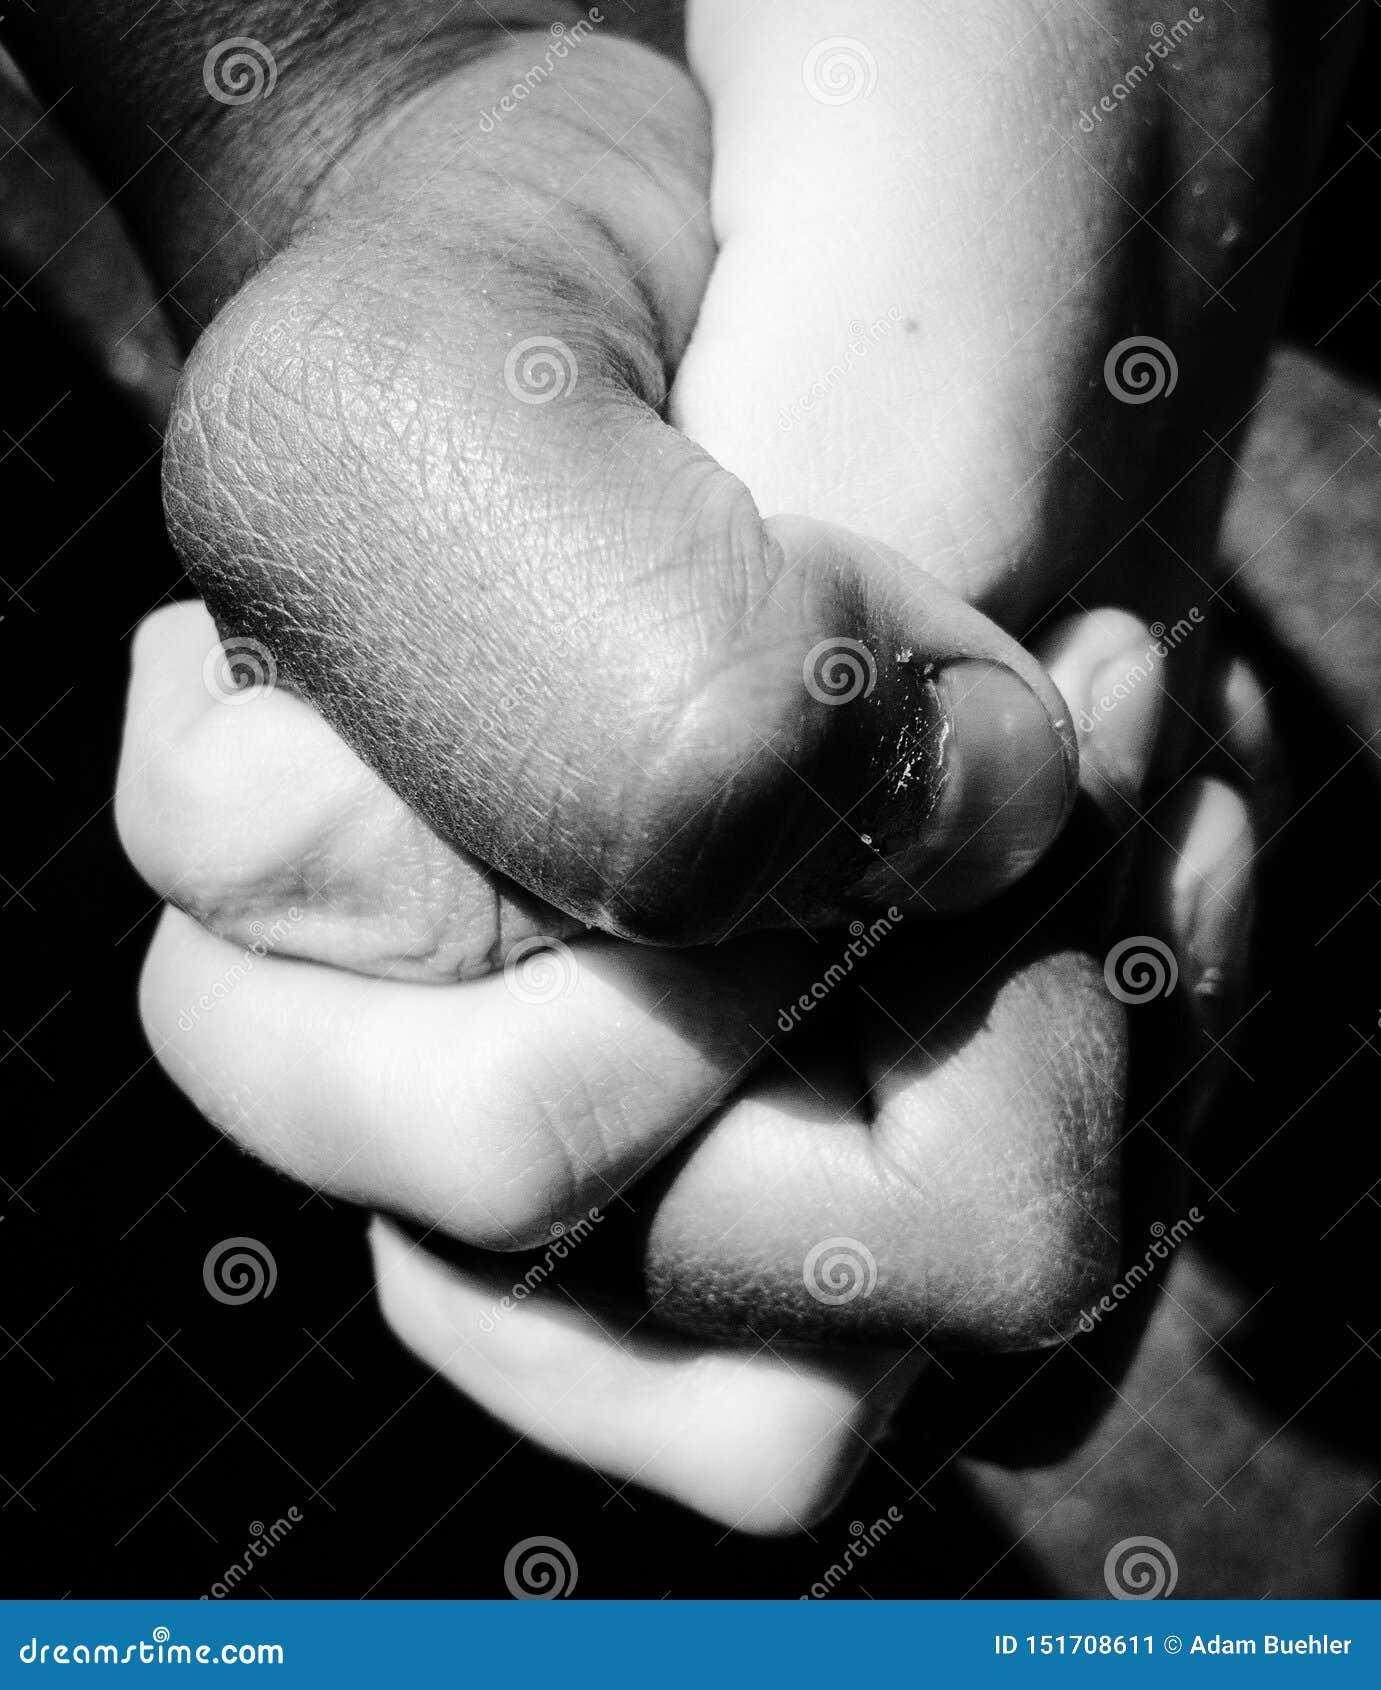 Zwart-witte foto van zwarte jong geitjehand en witte jong geitjehand